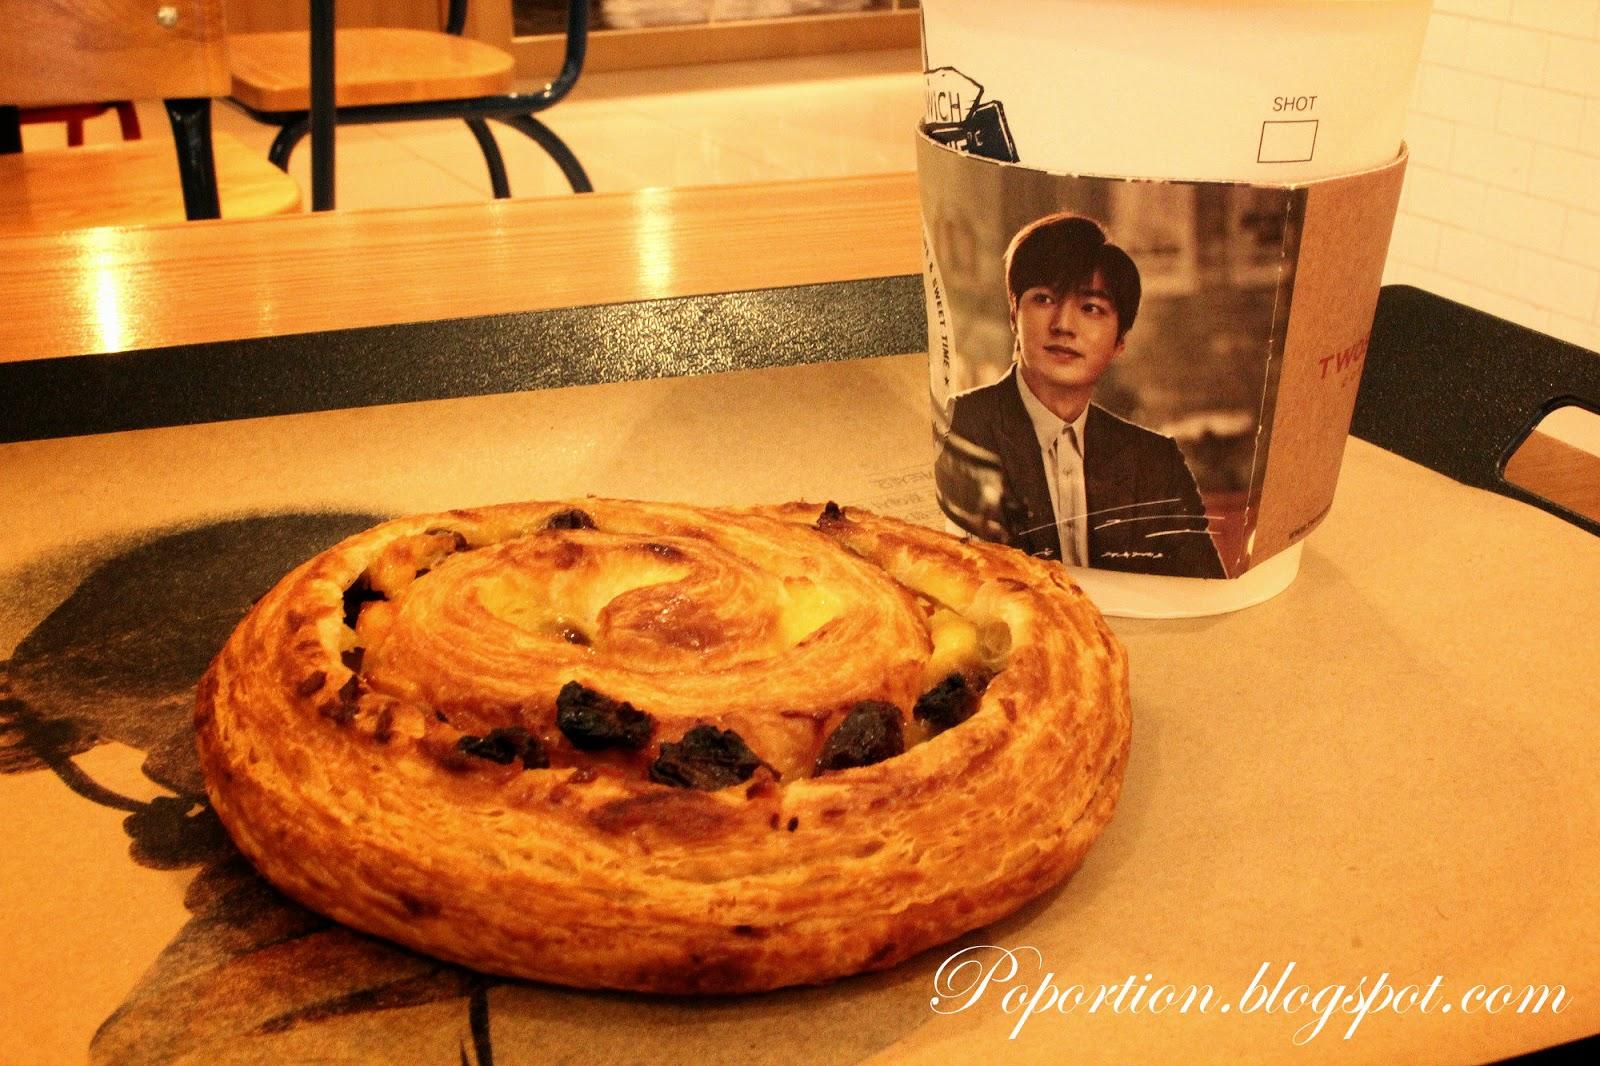 pain au raisin danish english breakfast tea lee minho oppa